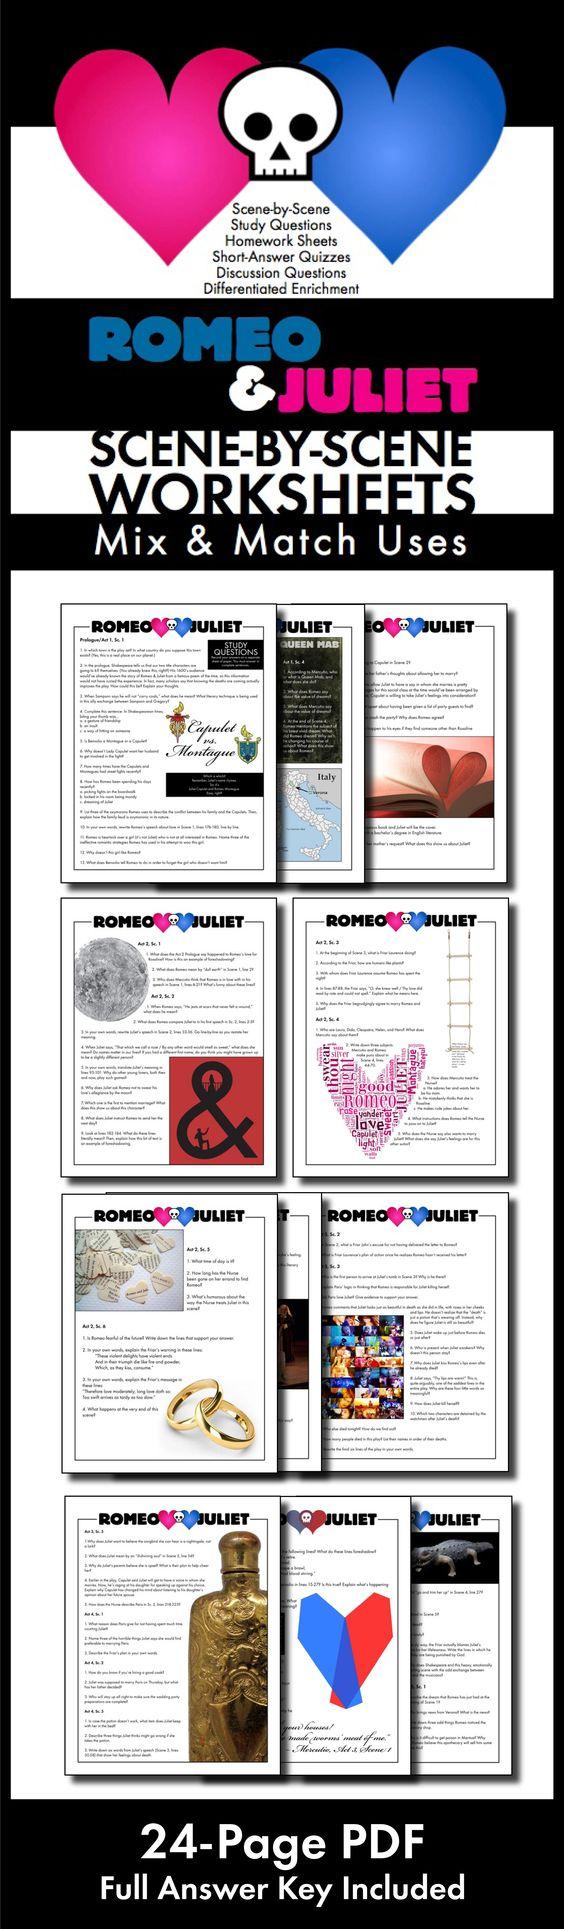 Romeo And Juliet Theme Worksheet Les Baux De Provence